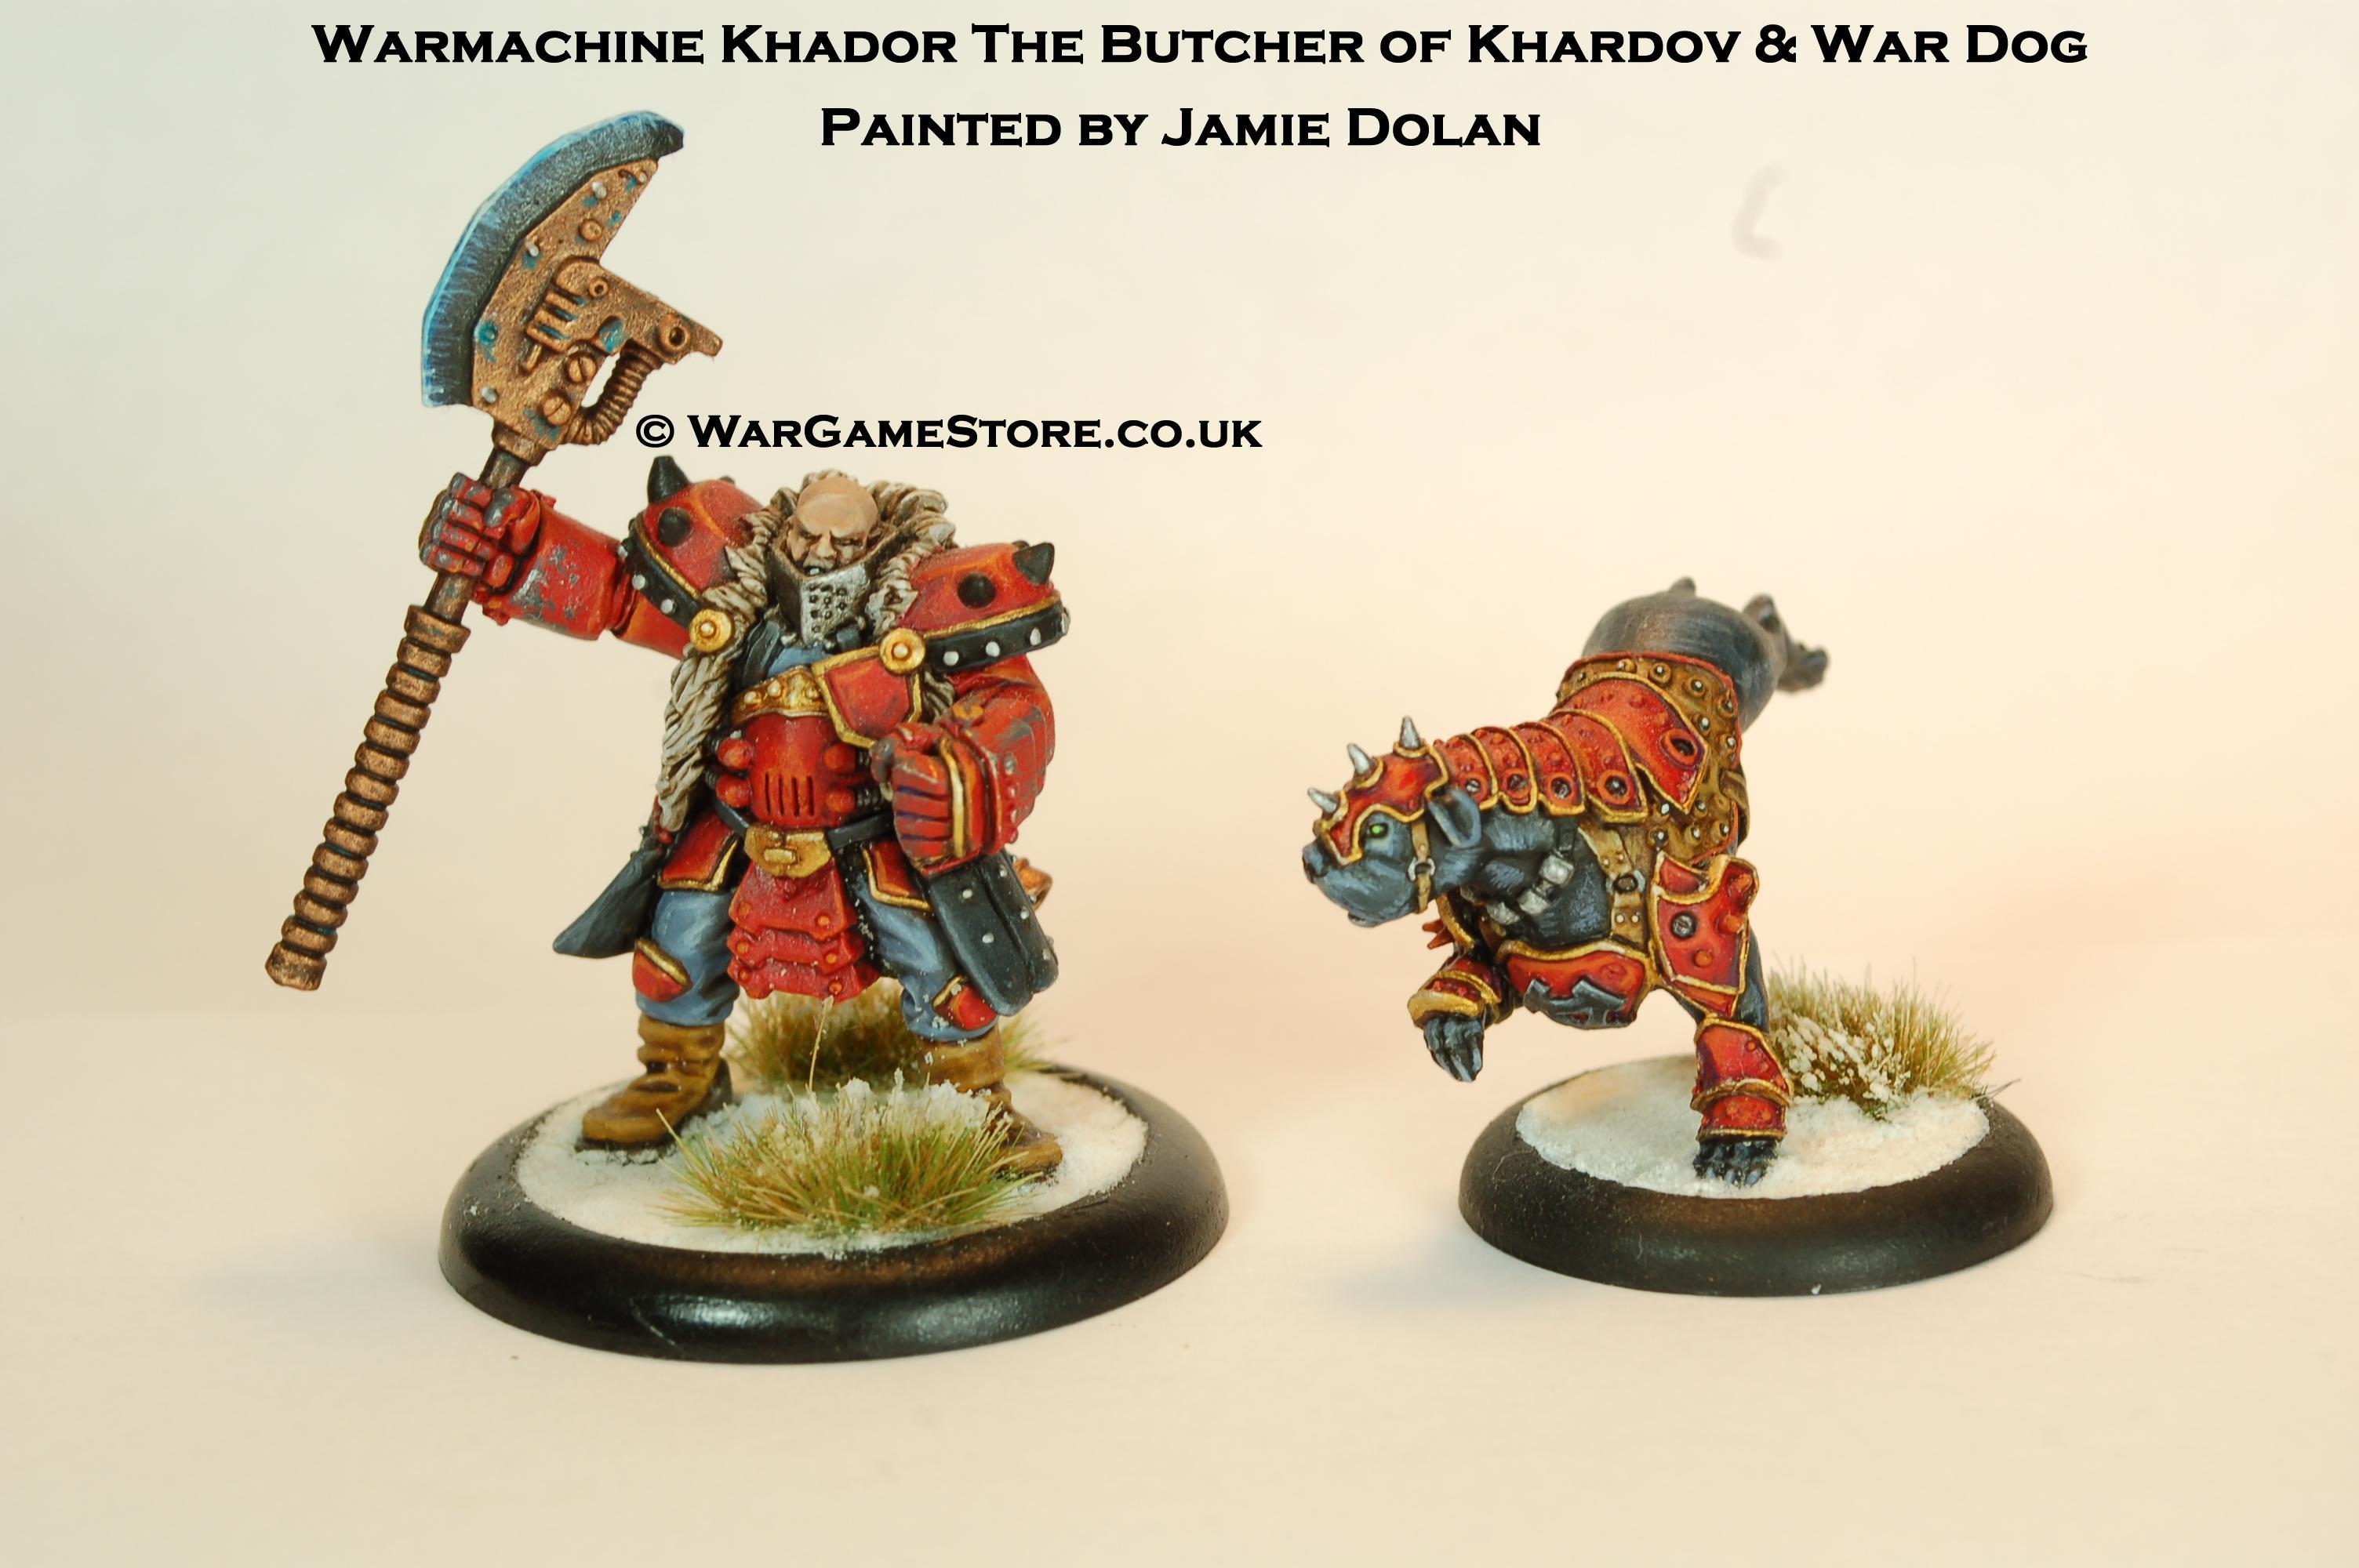 Butcher, Khardov, War Dog, Wargamestore, Warmachine